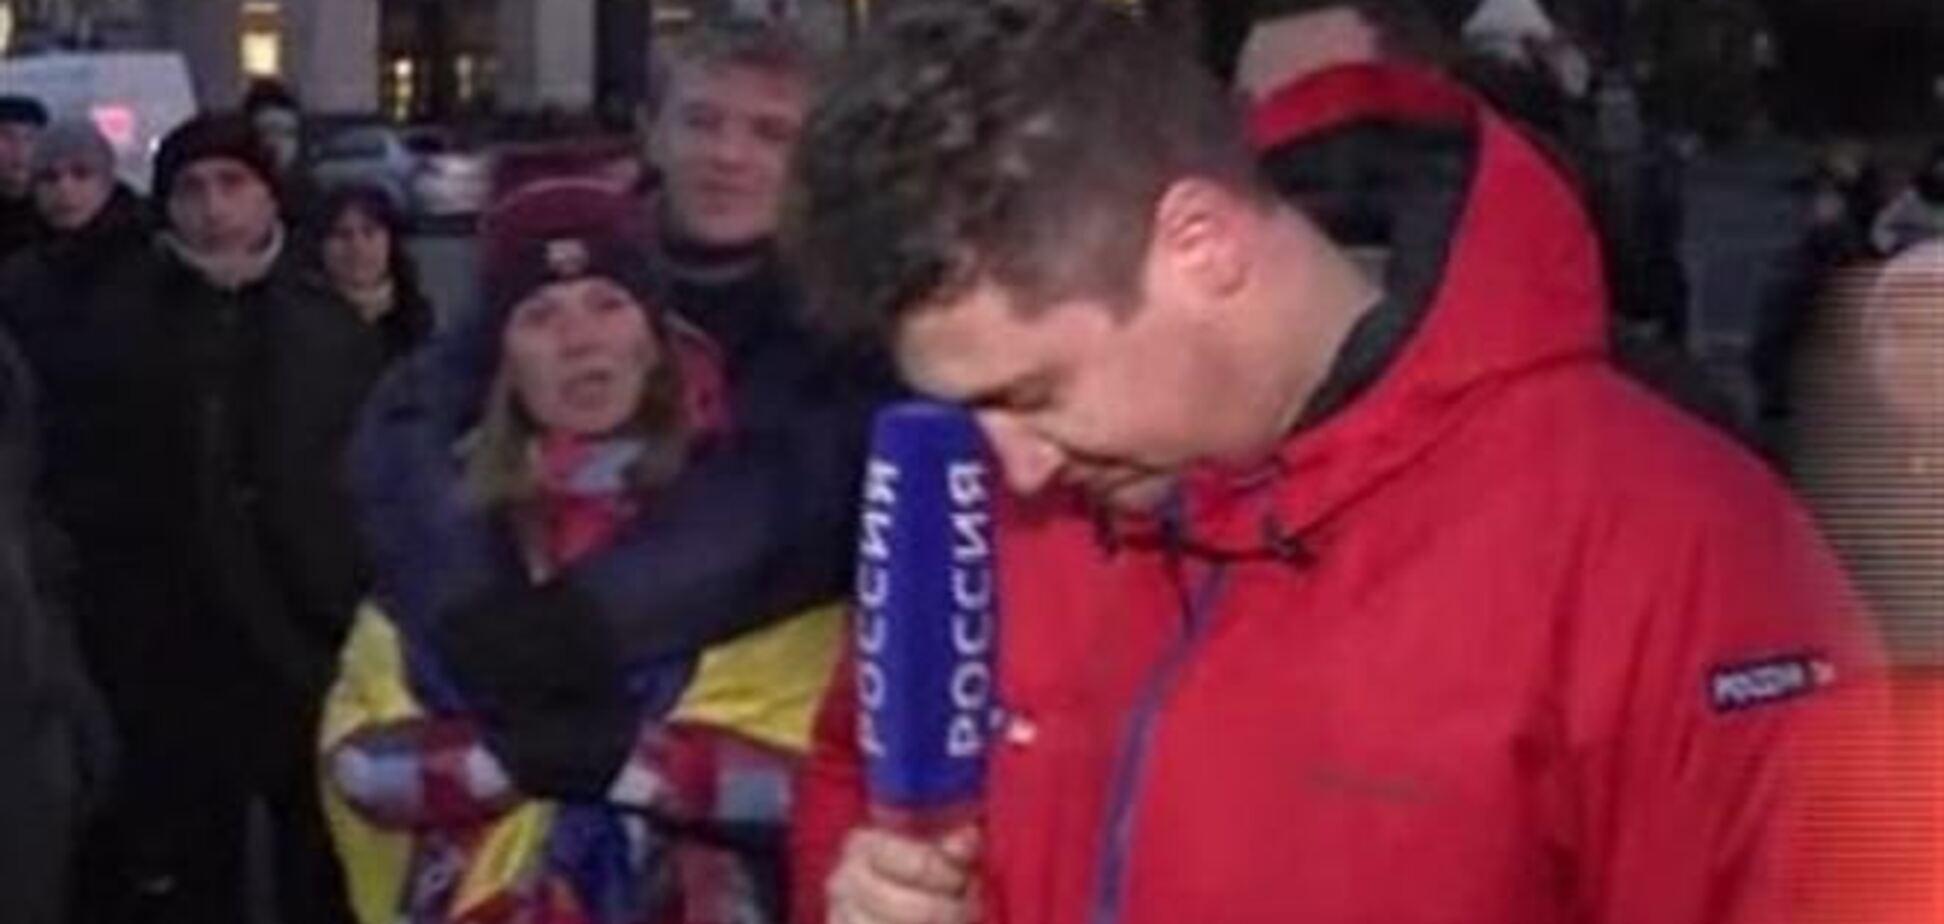 Российскому журналисту пришлось работать на Евромайдане под крики 'Говори правду!'